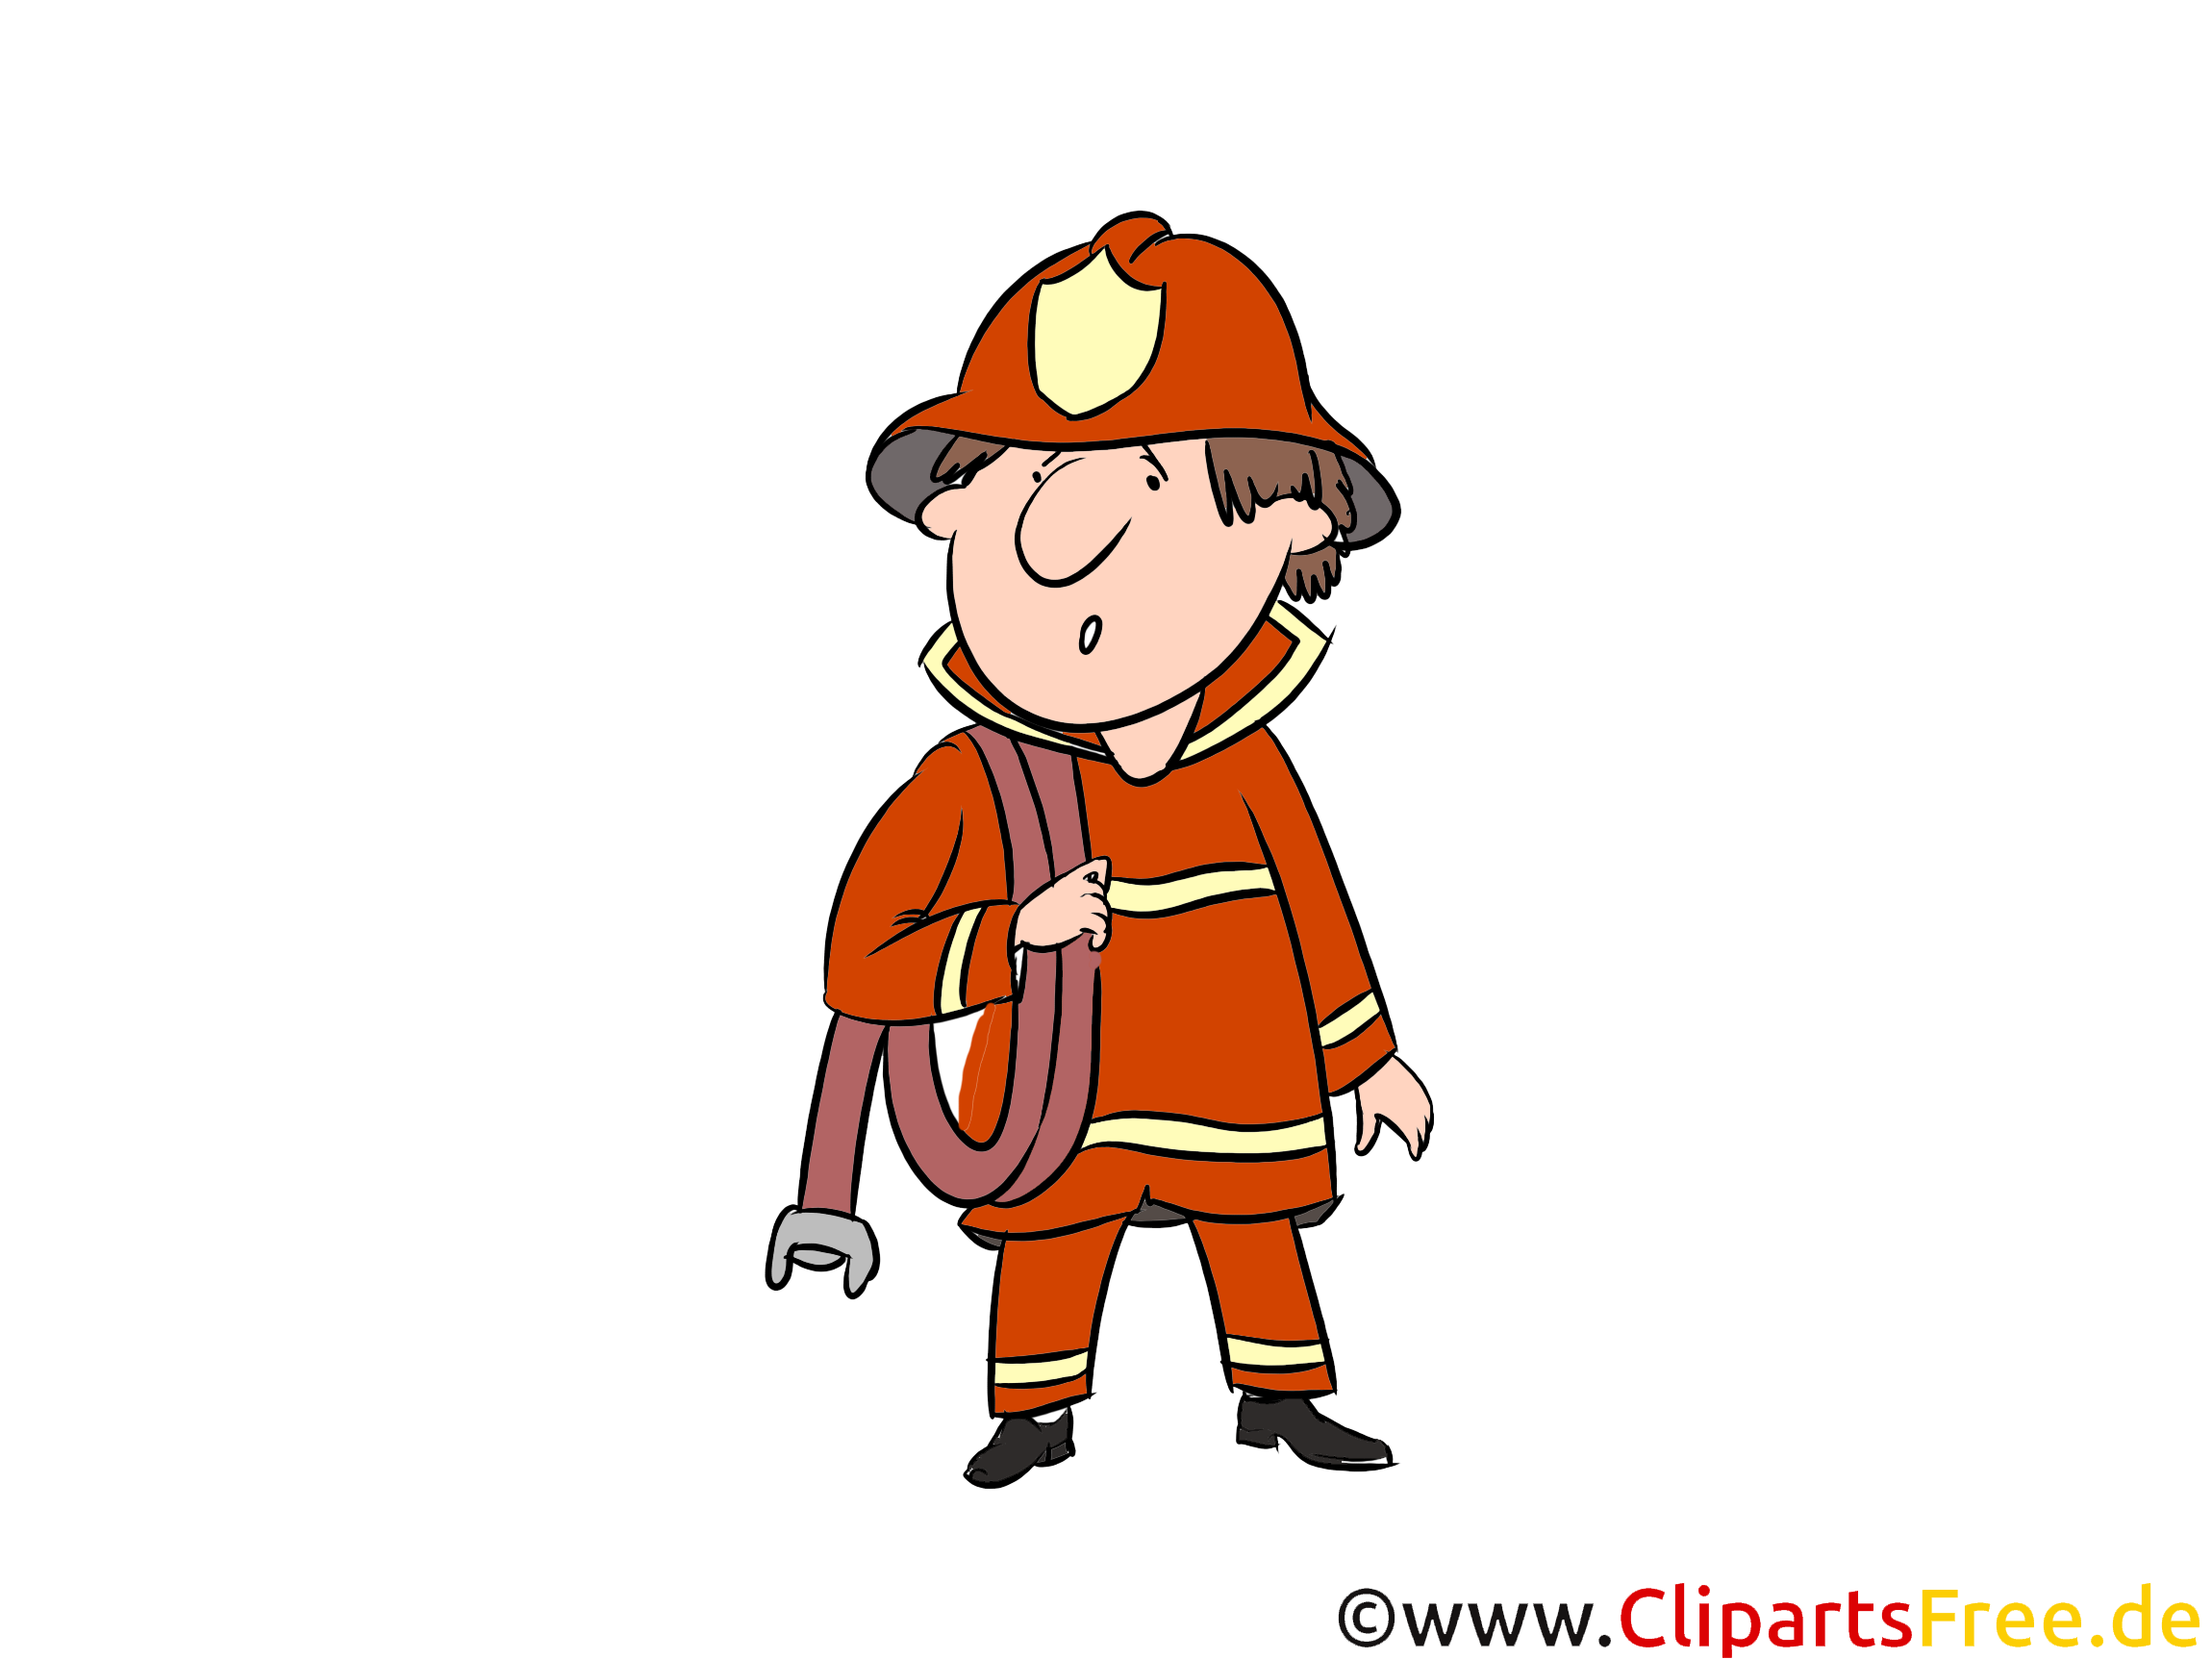 Comic Feuerwehr Feuerwehrmann Cartoon